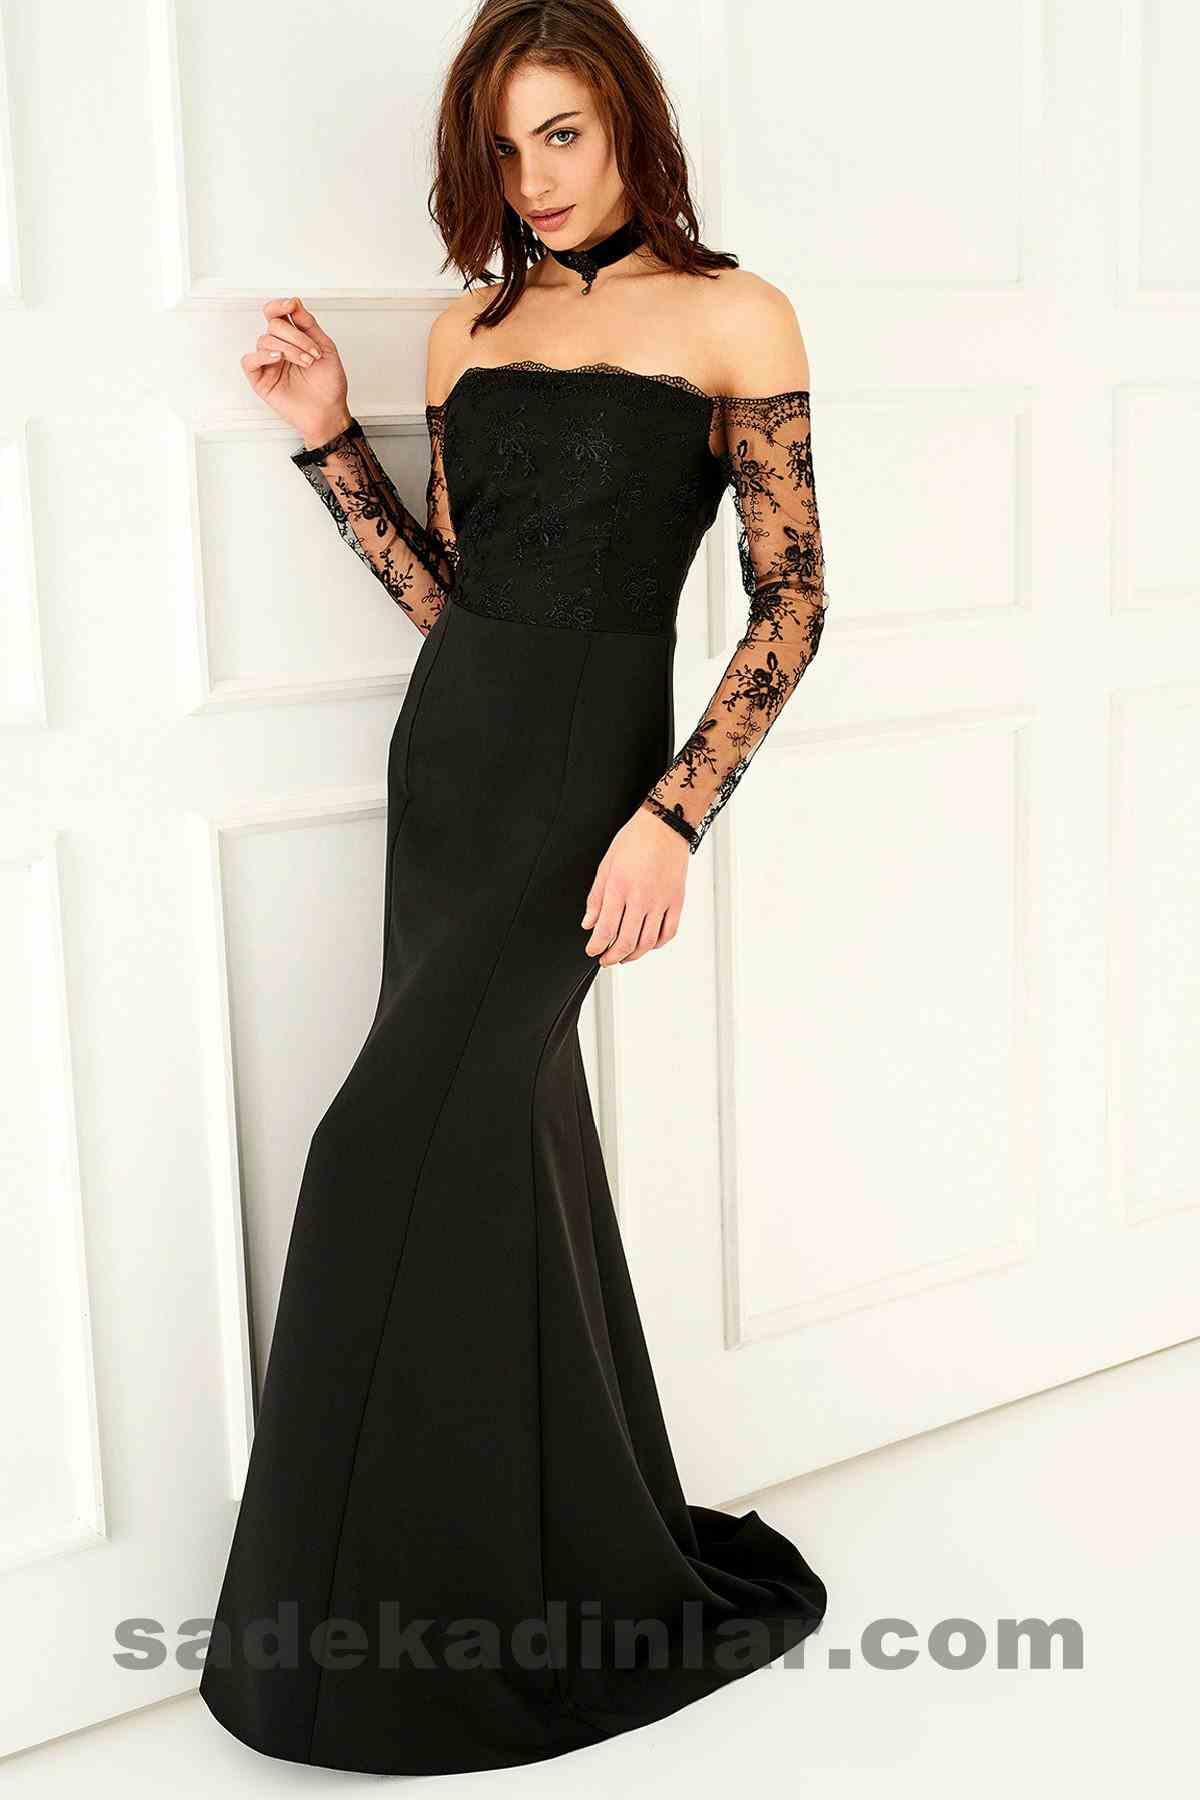 Abiye Elbise Modelleri Şık ve Güzel 2019 Gece Elbiseleri Carmen Yaka Siyah Dantel detaylı Uzun